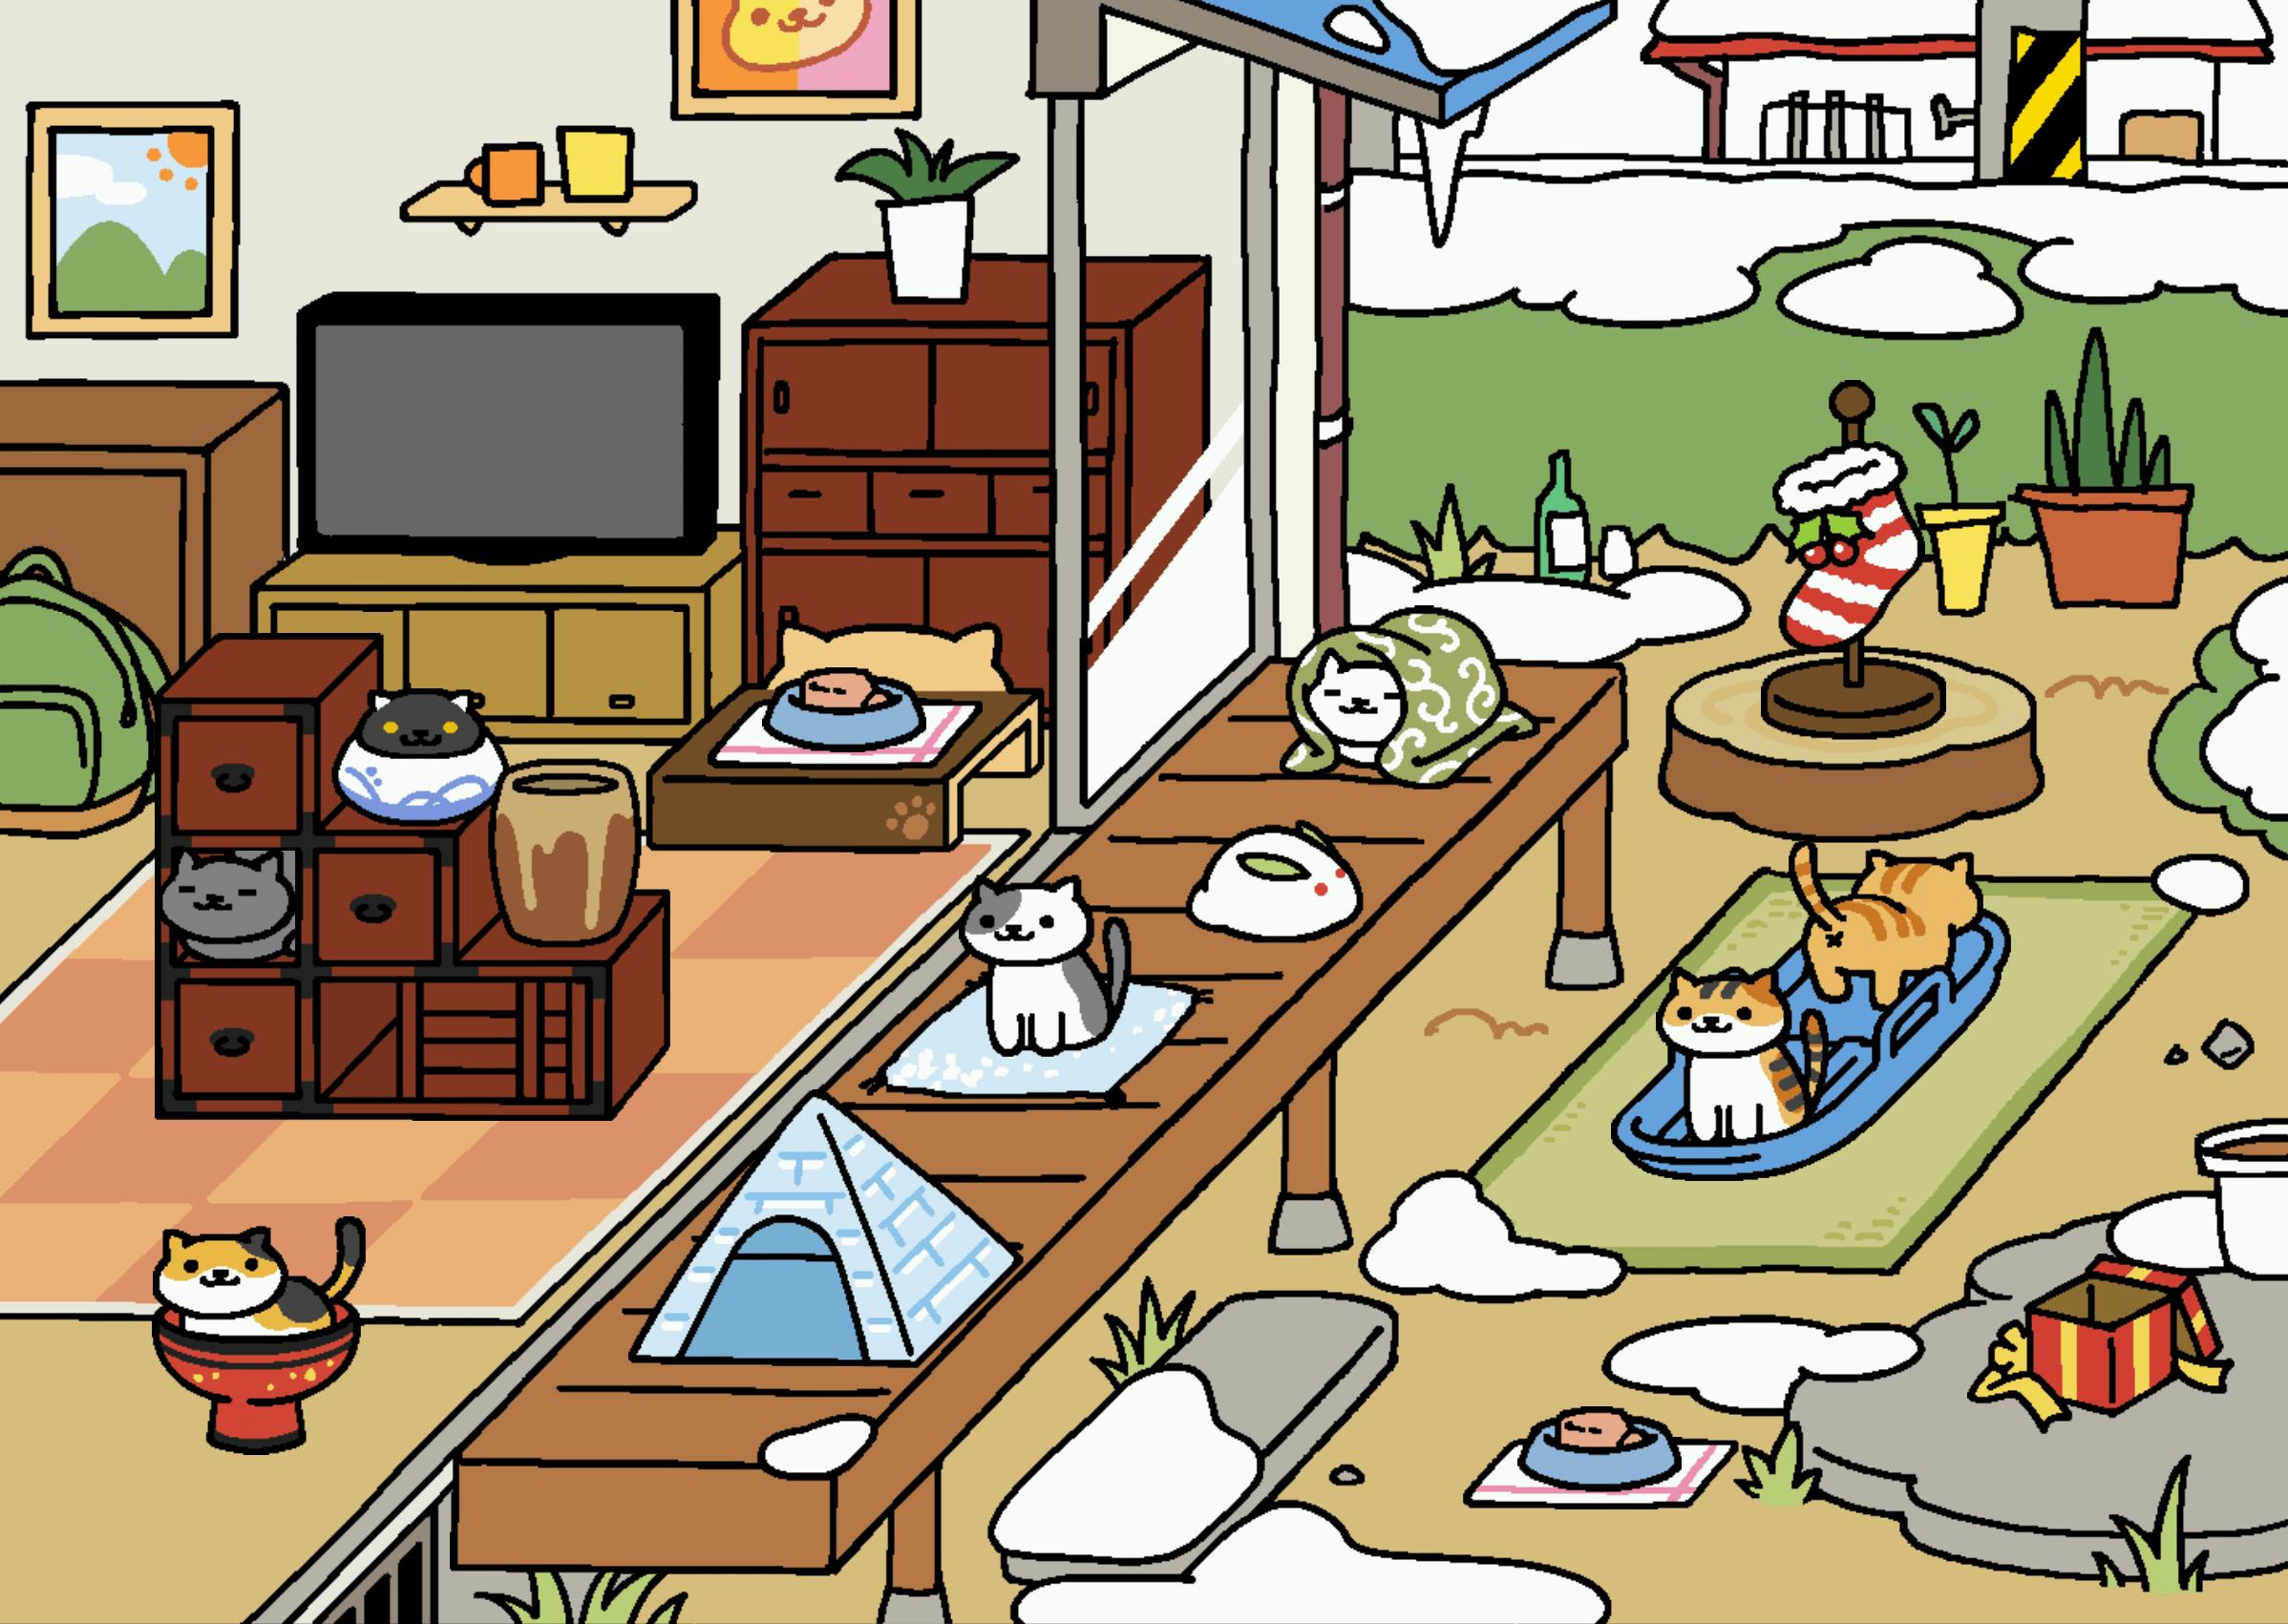 ねこあつめの雪景色画像!